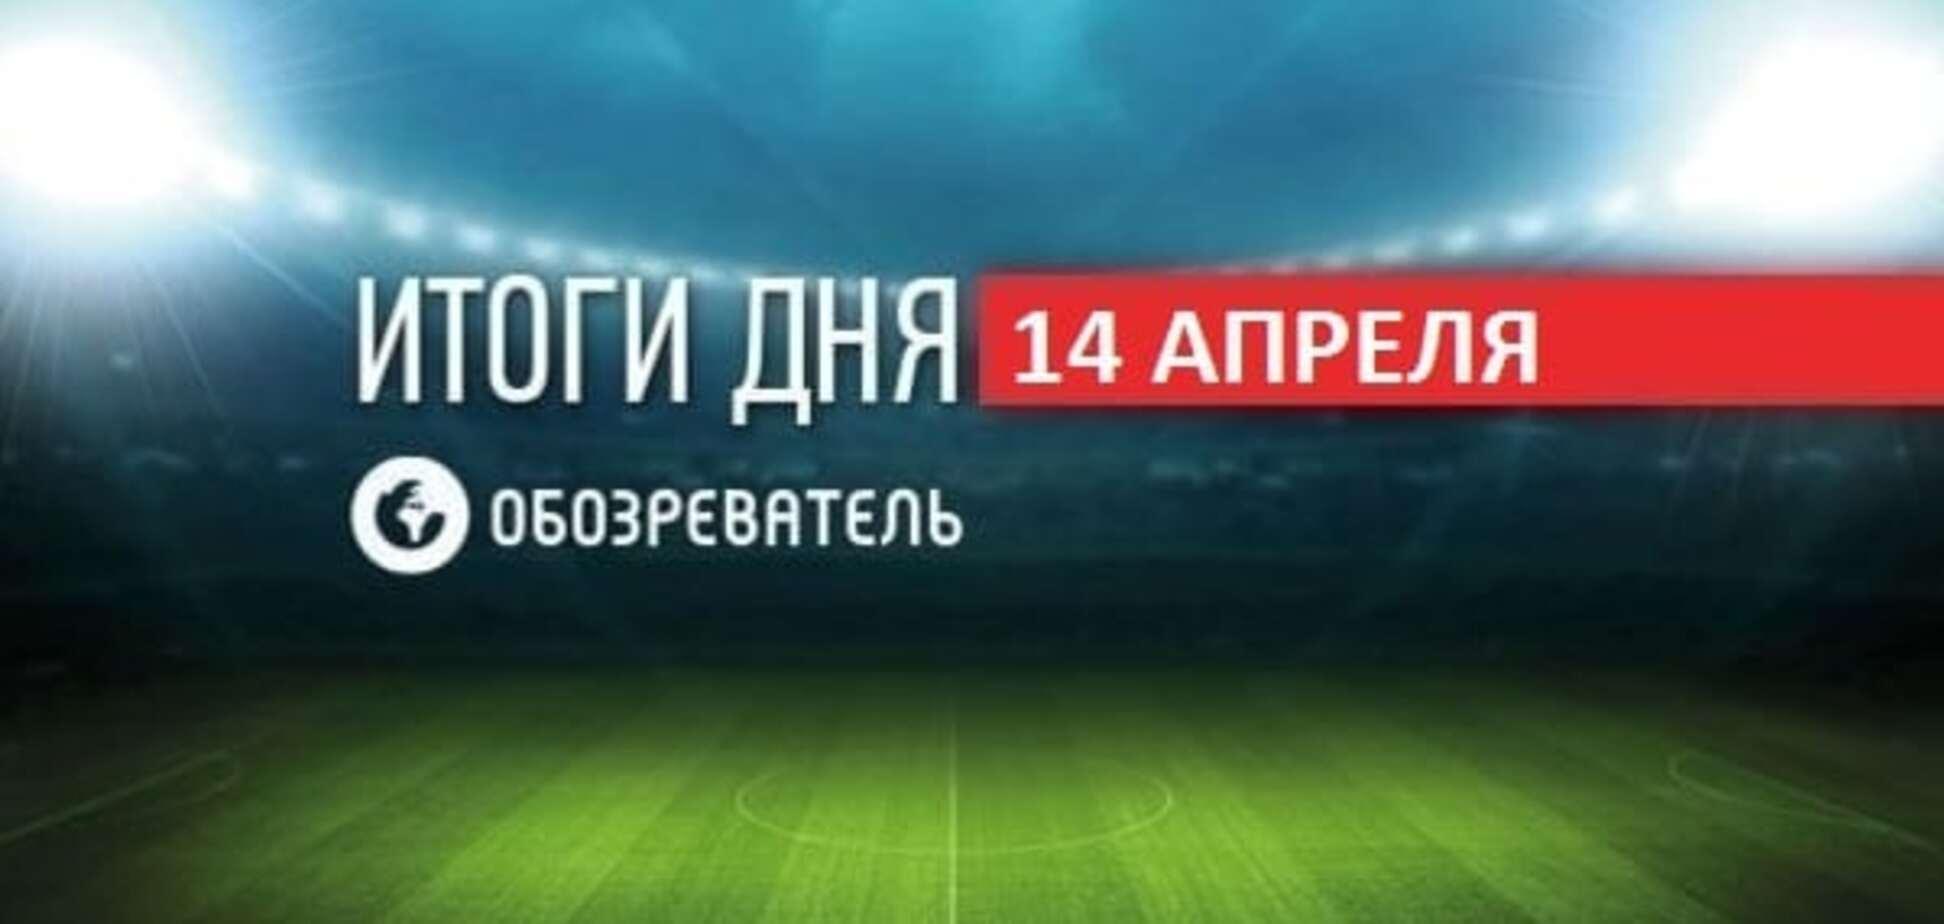 'Шахтар' переміг 'Брагу', Україну виключили з ФІДЕ. Спортивні підсумки 14 квітня